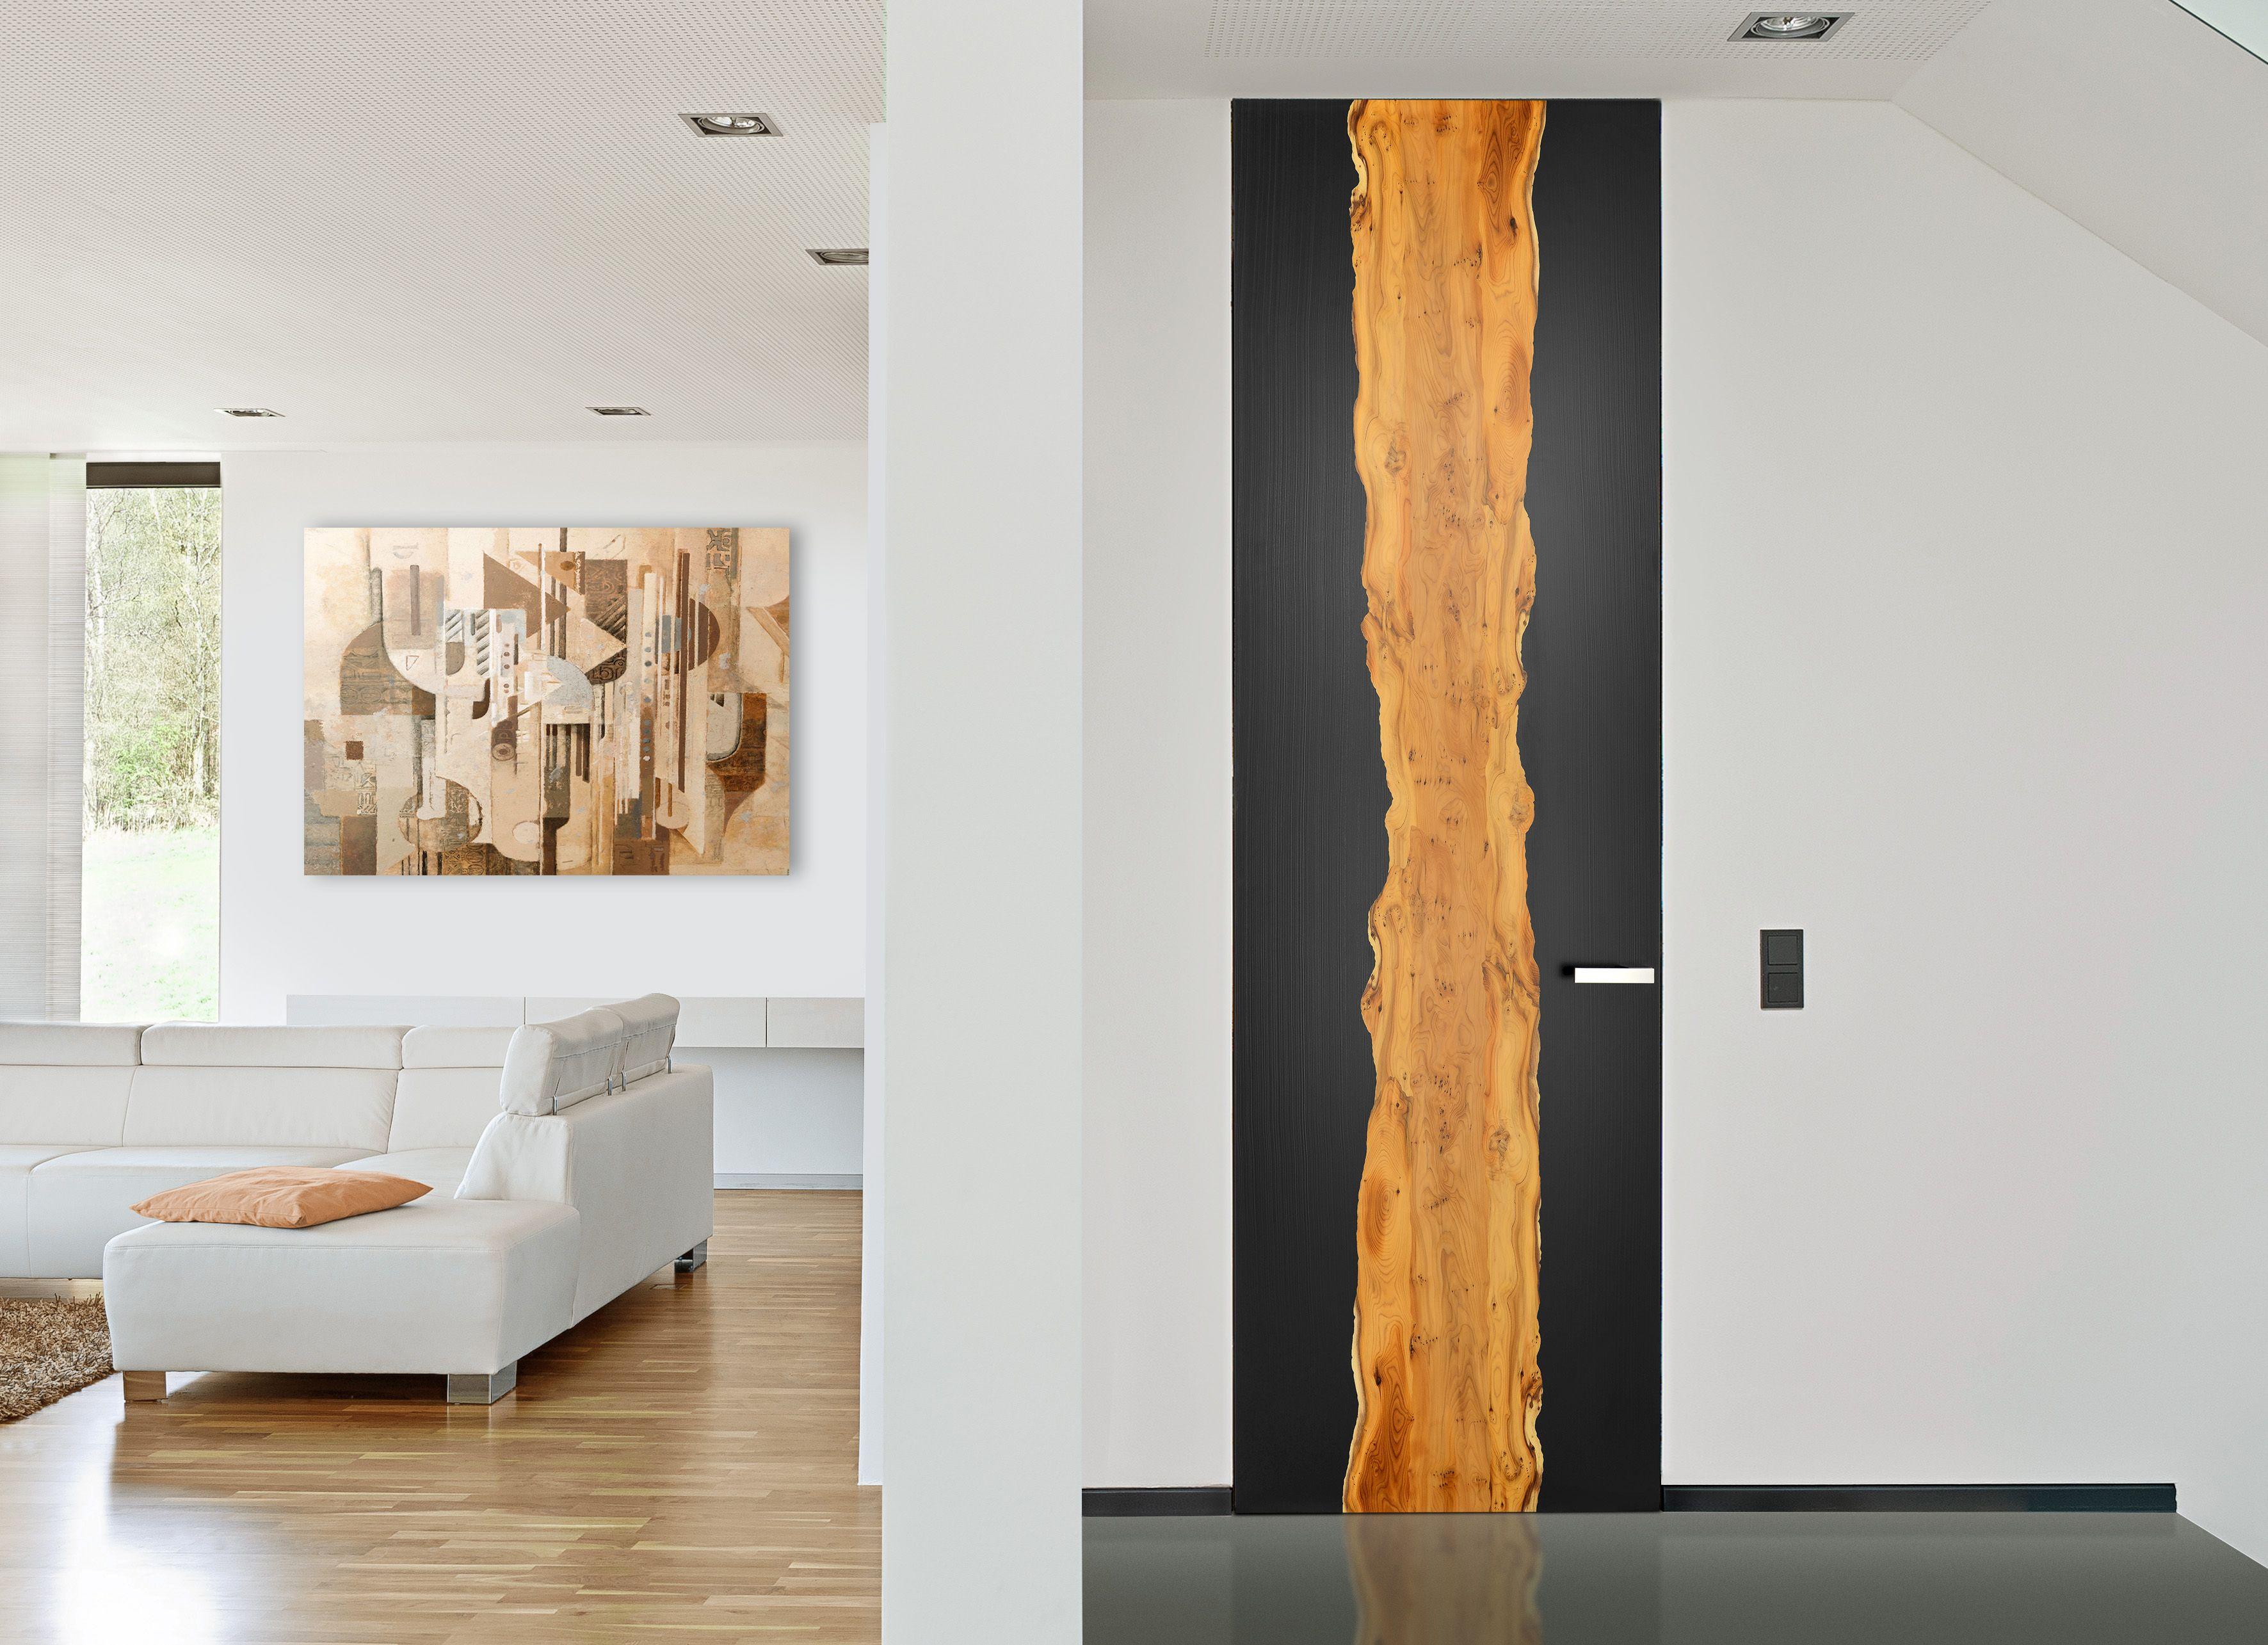 Rahmenlose, raumhohe Tür mit Strichlack und Eibe | Rahmenlose Türen ...